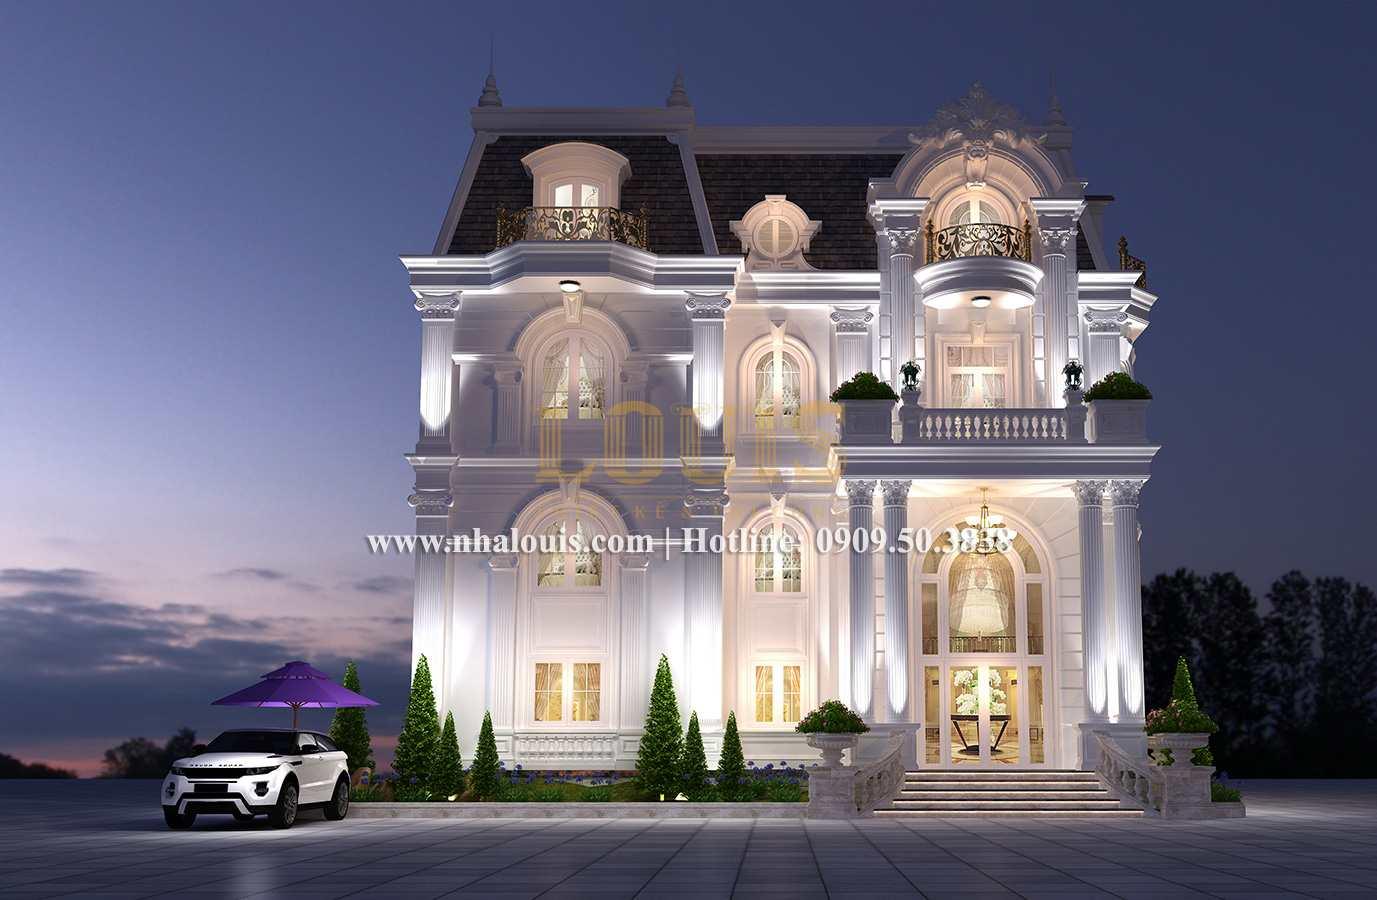 Mặt tiền Mẫu biệt thự kiến trúc Pháp tại Đồng Nai đẹp hoa lệ - 03